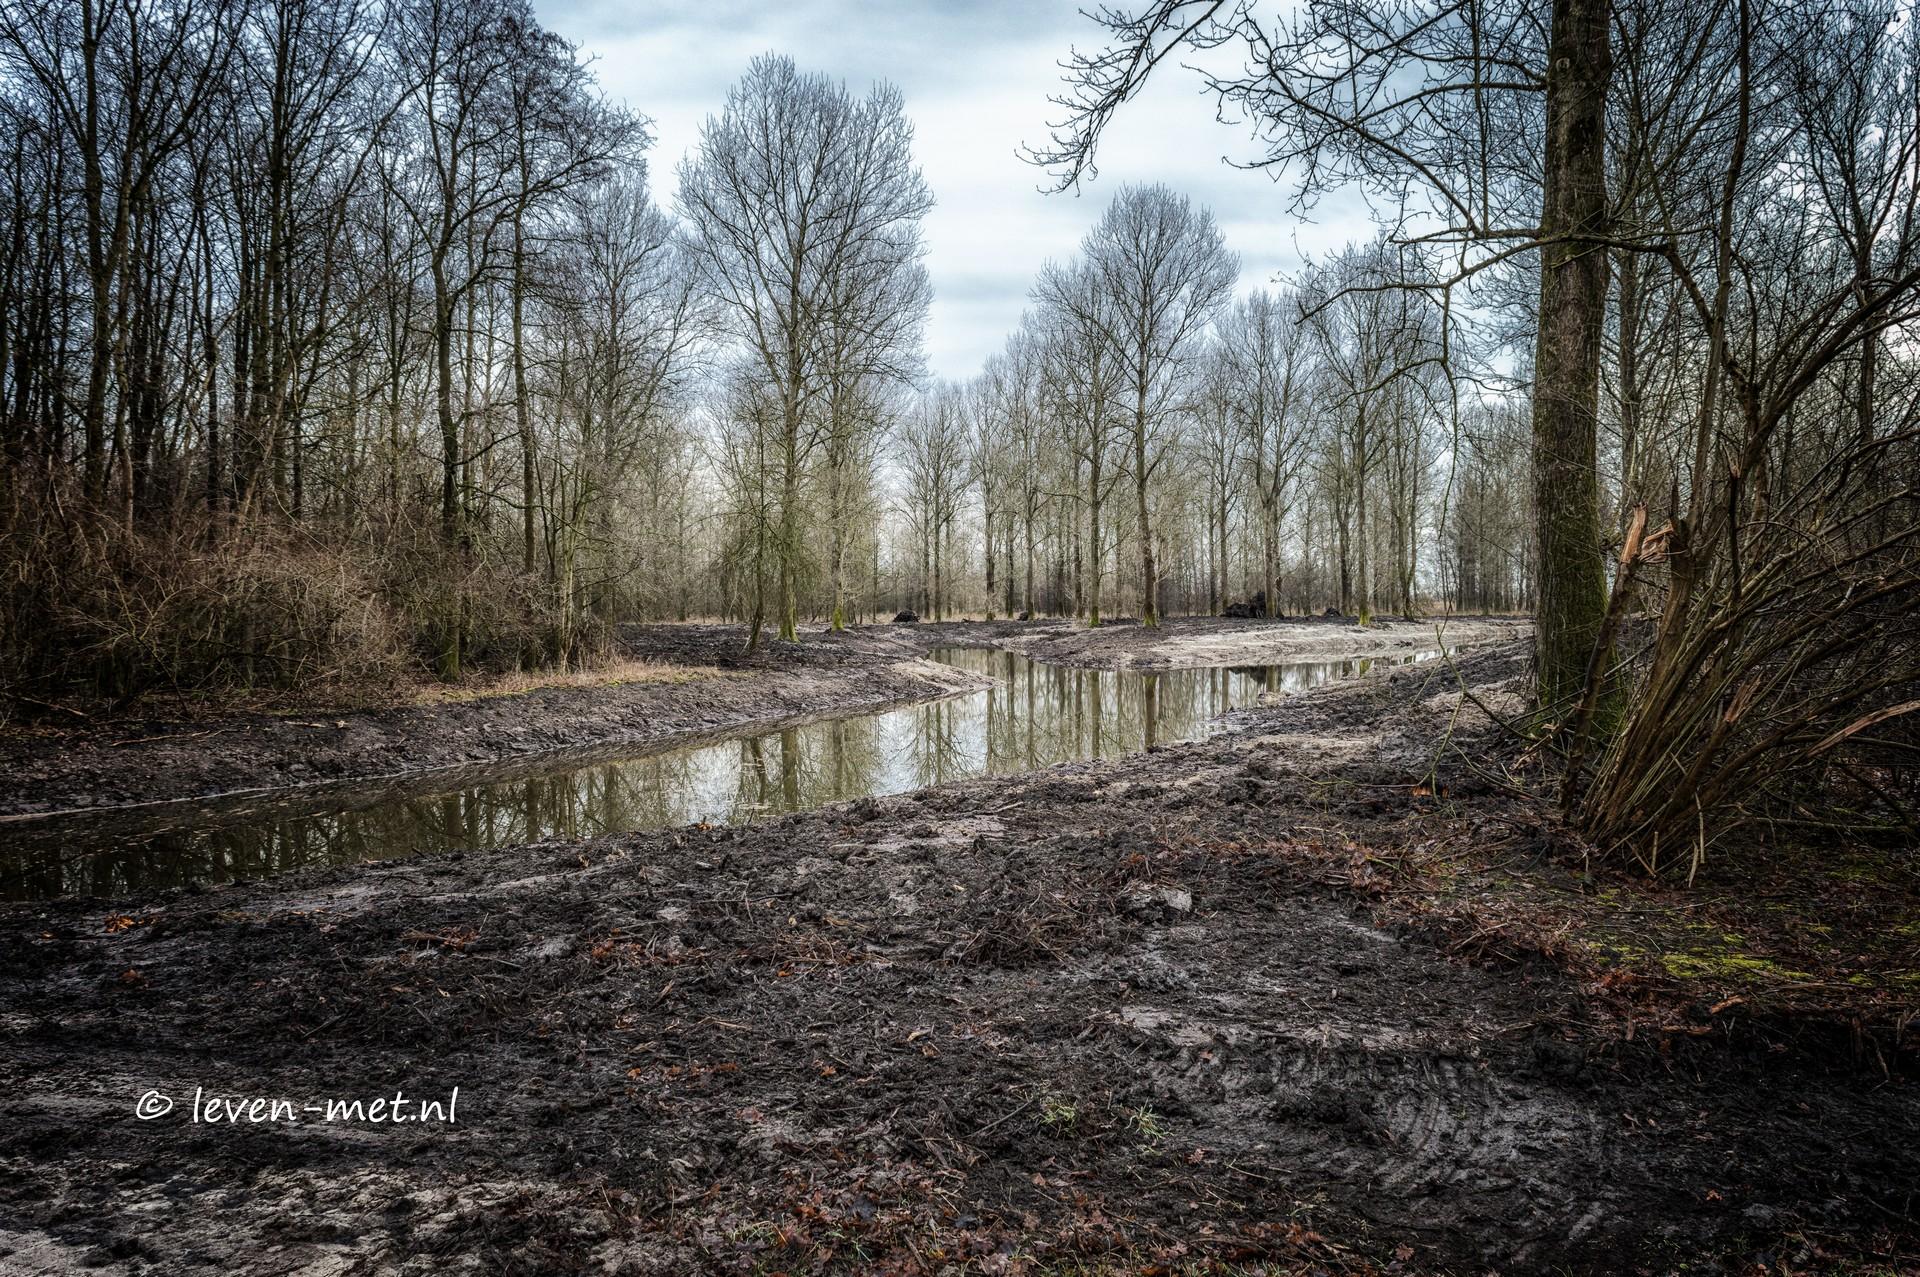 Hollandse hout slangentong